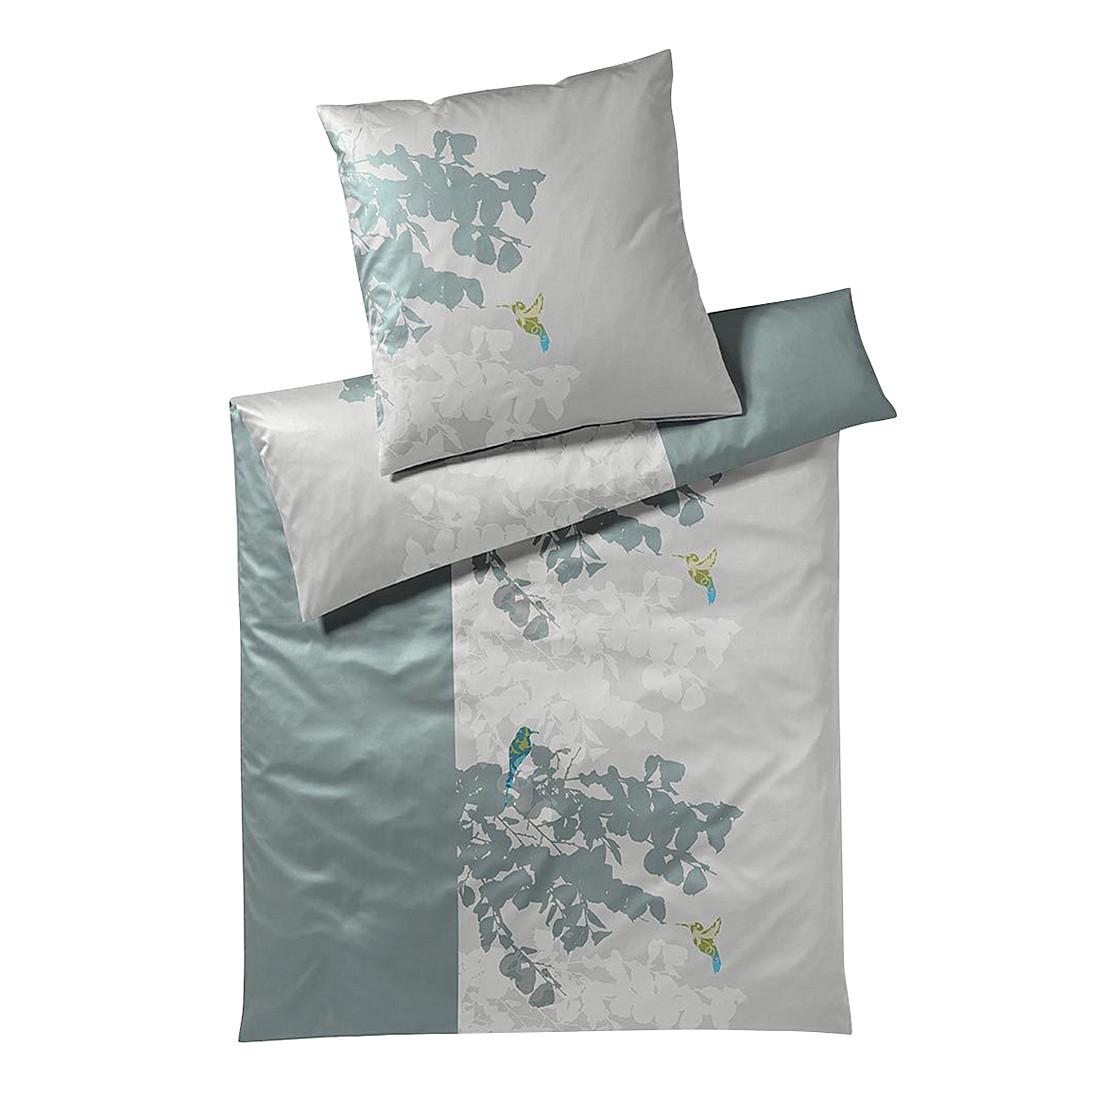 Bettwäsche Sierra Jade – Baumwolle – Mehrfarbig – 155X220 cm + 80X80 cm, Yes for bed günstig kaufen